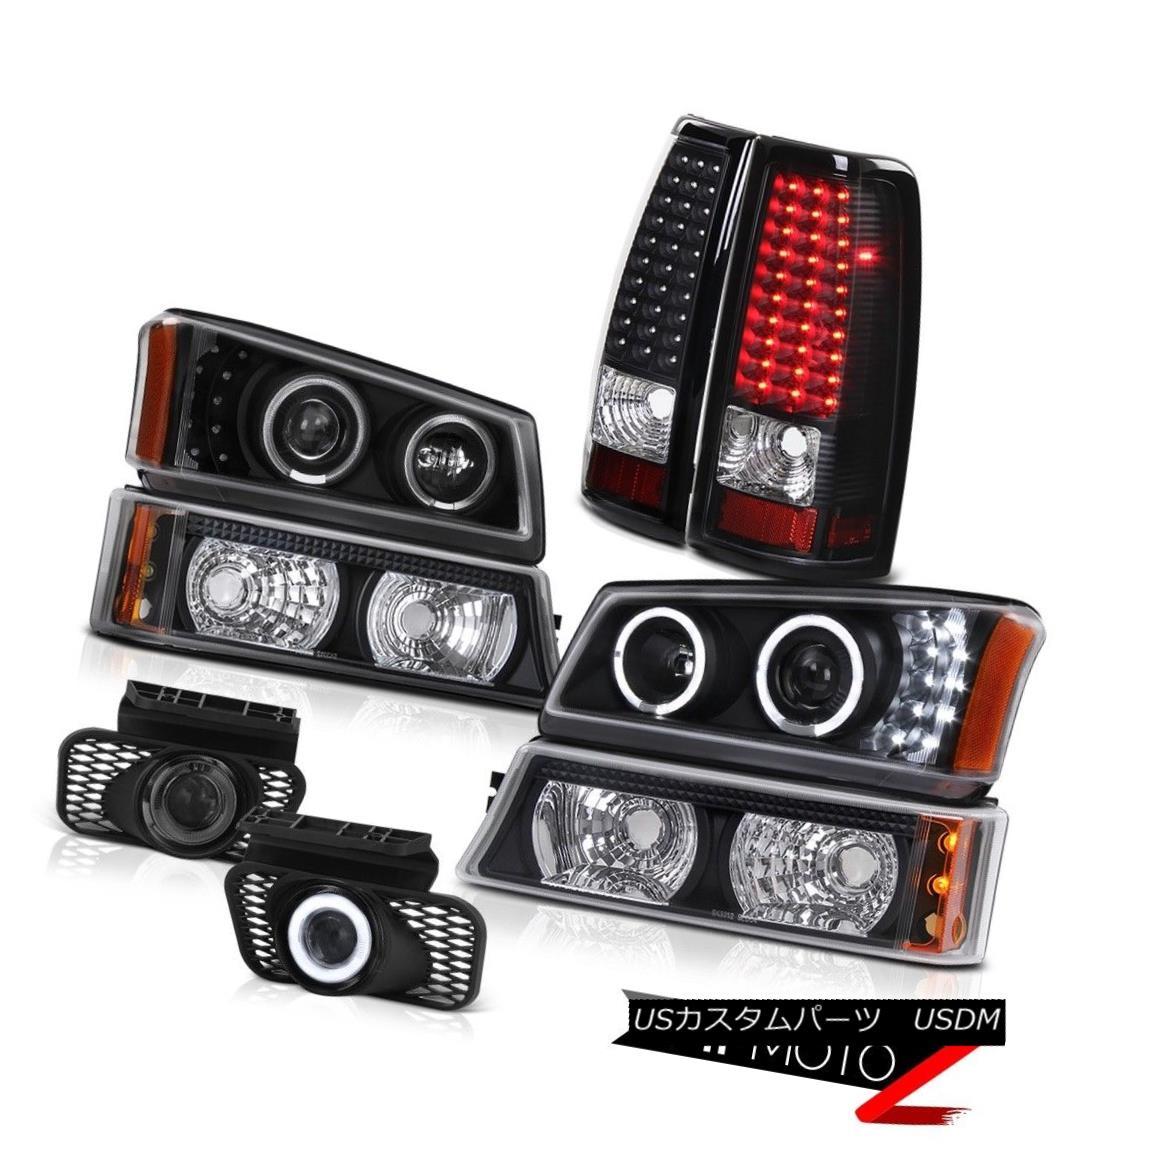 テールライト Twin Halo LED Front Bumper Parking Black Tail Lights DRL Foglamp 03 04 Silverado ツインハローLEDフロントバンパーパーキングブラックテールライトDRL Foglamp 03 04シルバラード